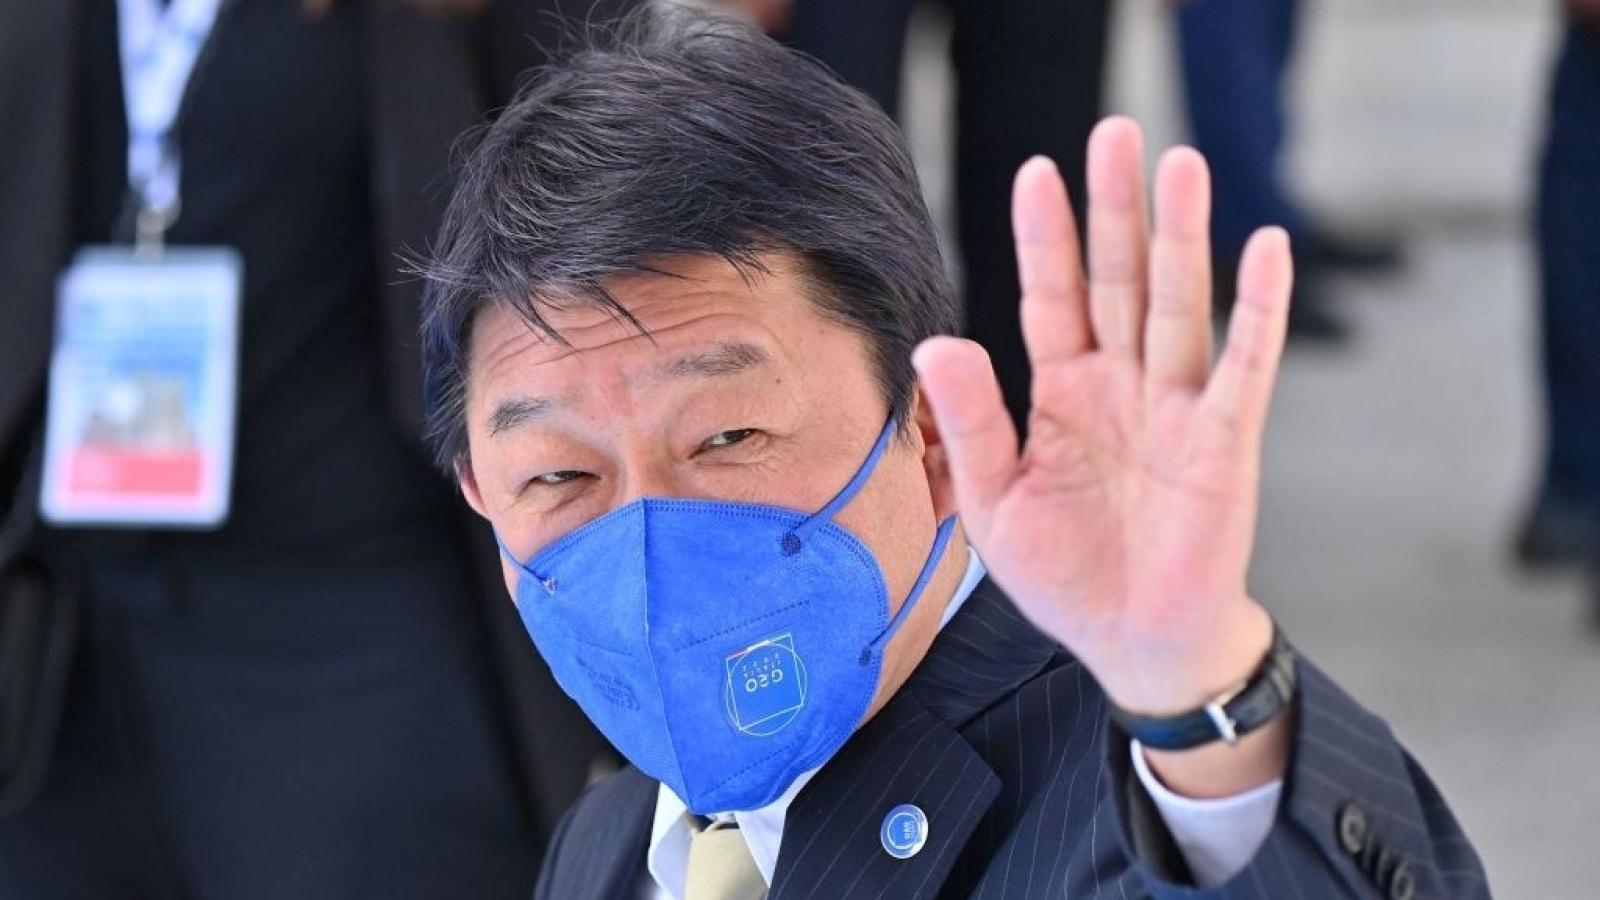 Nhật Bản viện trợ nhân đạo khoảng 200 triệu USD cho Afghanistan